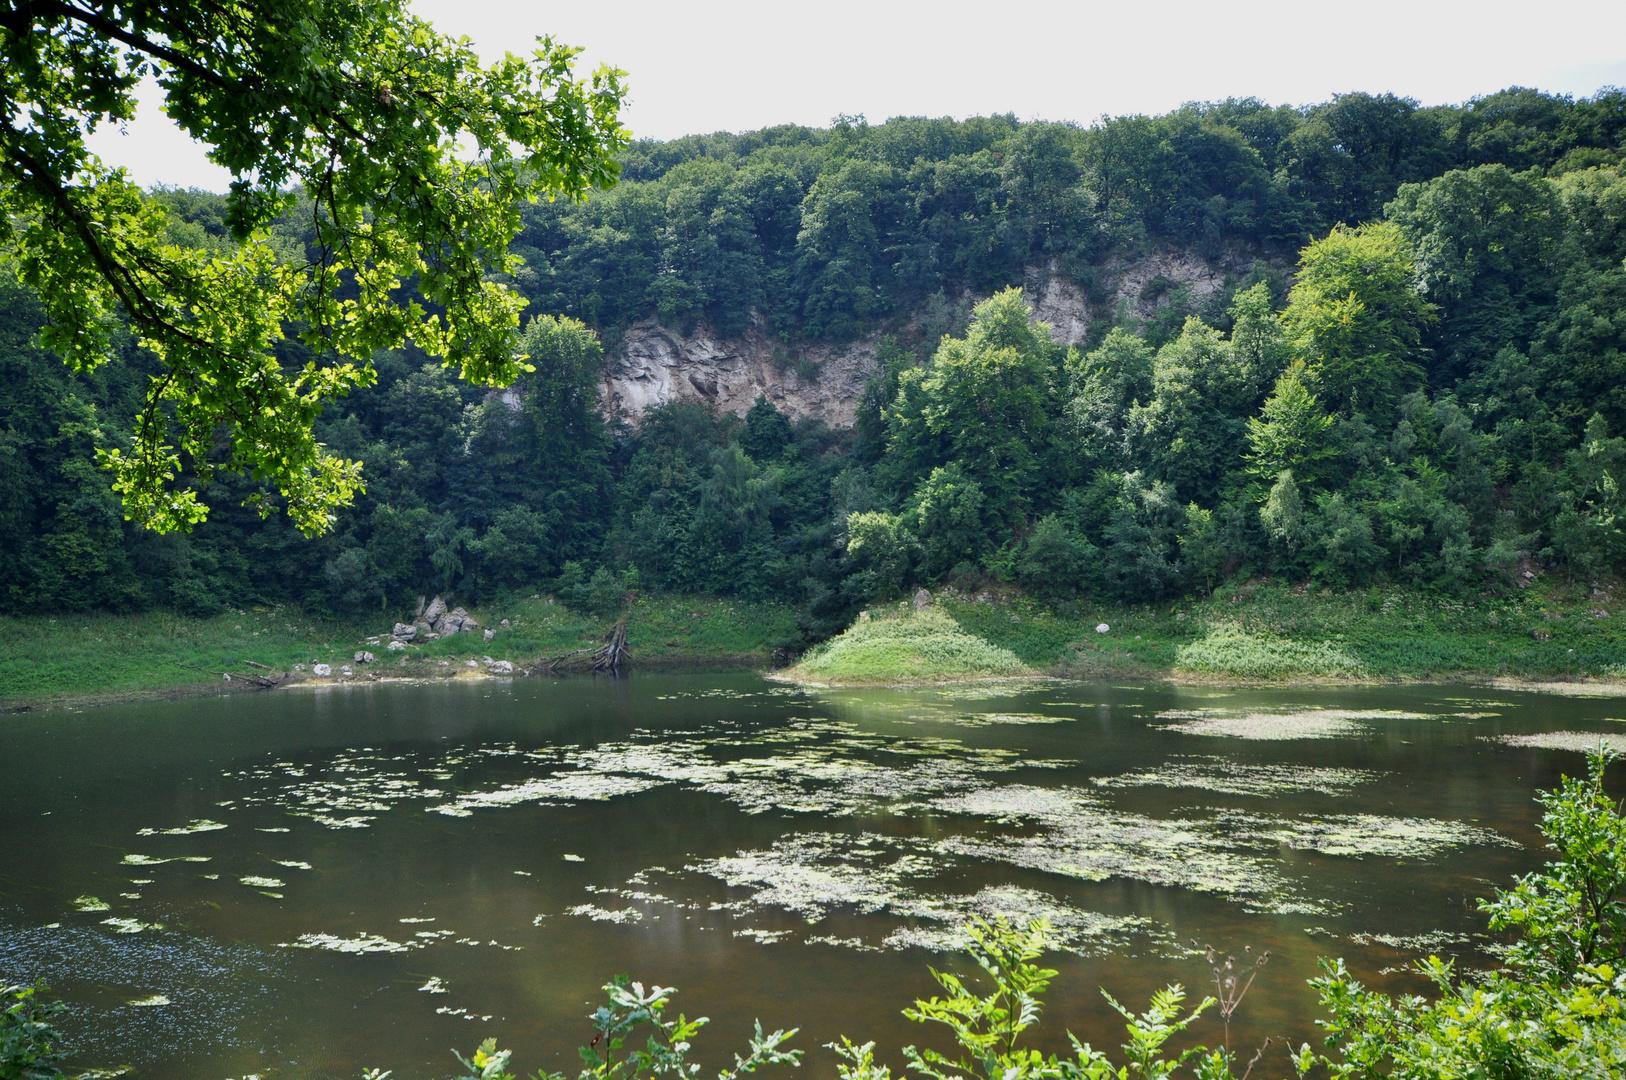 Karstwanderweg 105 Gipsabbruchkante am Bauerngraben und Periodischer See